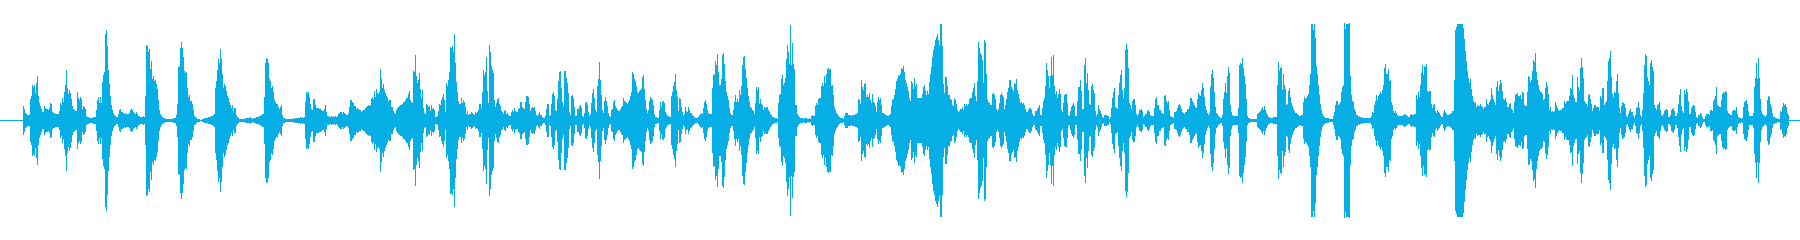 フィクション エイリアン 未知の種01の再生済みの波形